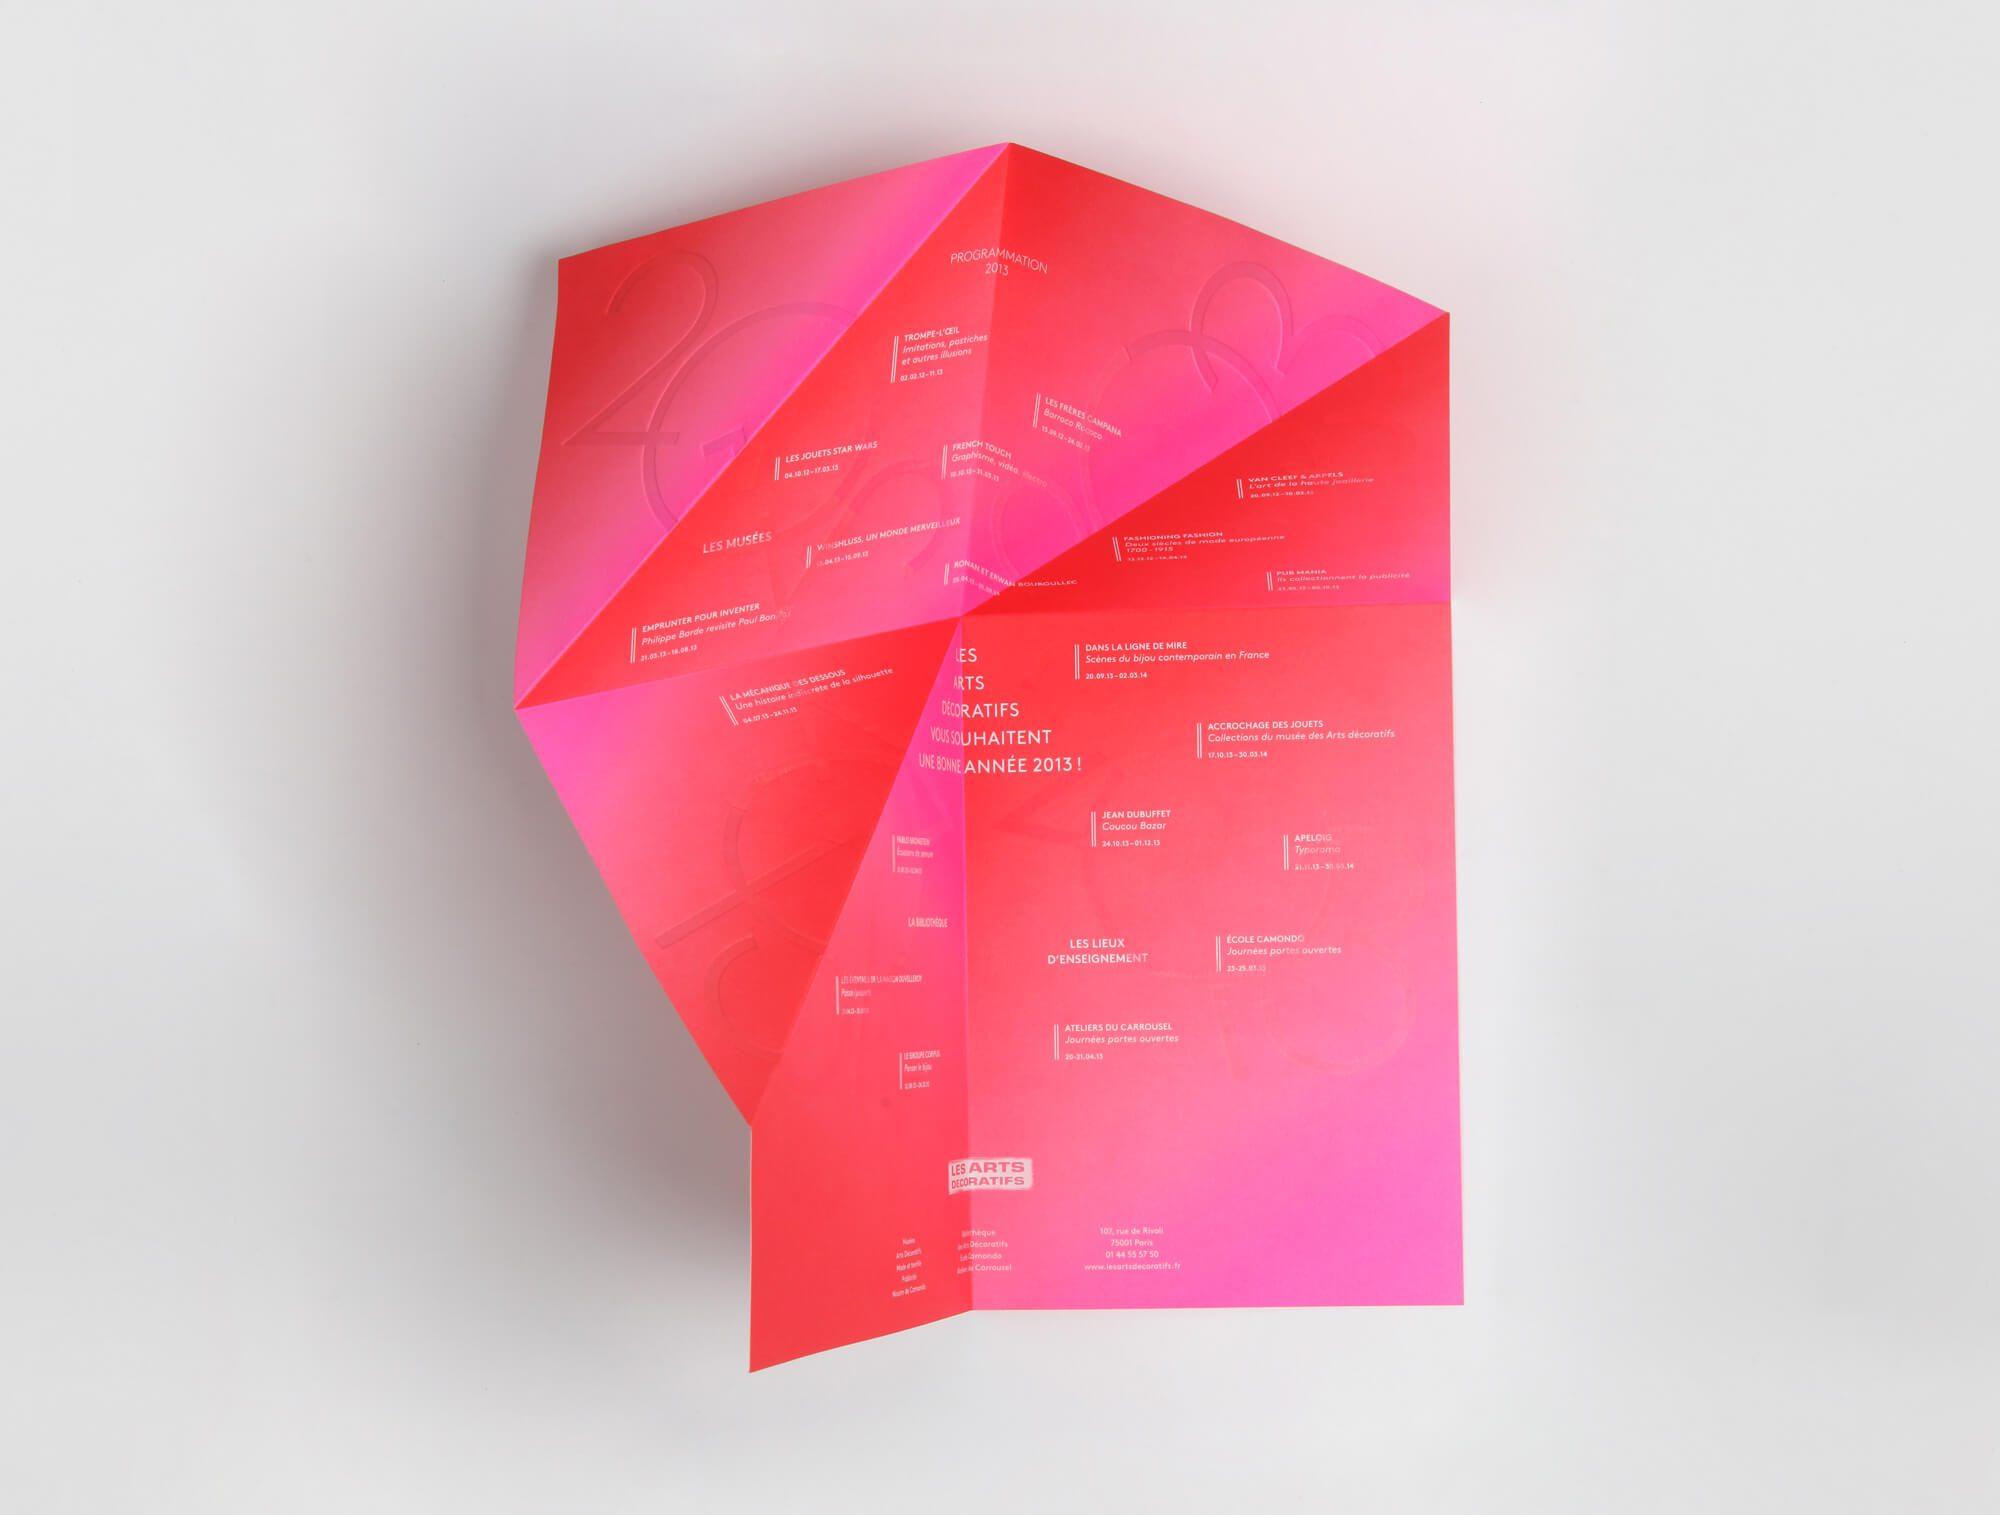 Origami, gaufrage, pliage, rose rouge, telle est la carte de vœux des arts décoratifs pour l'année 2013, un design et pliage signés IchetKar